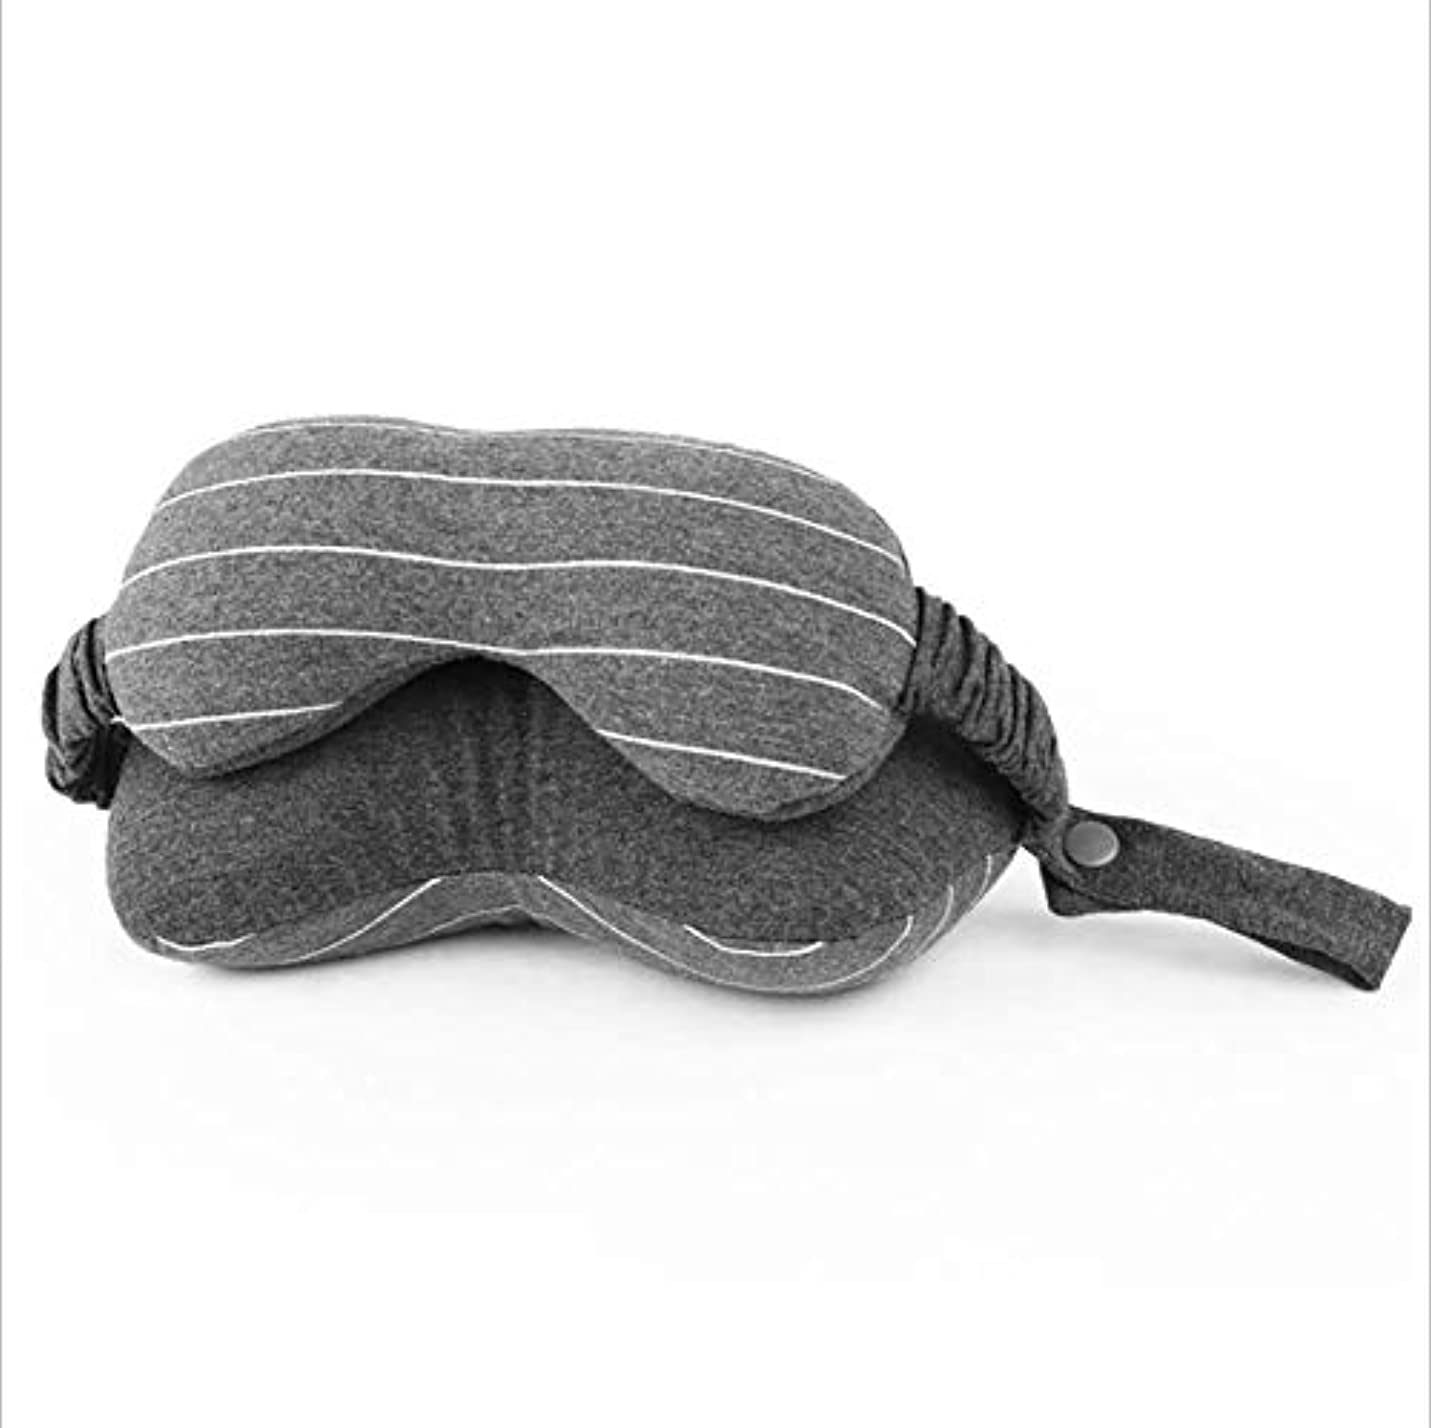 七面鳥サンダル目覚めるアイマスクの枕旅行の睡眠に適していますストレスリリーフユニセックスフルシェーディングソフトで快適な調節可能睡眠に役立ちます